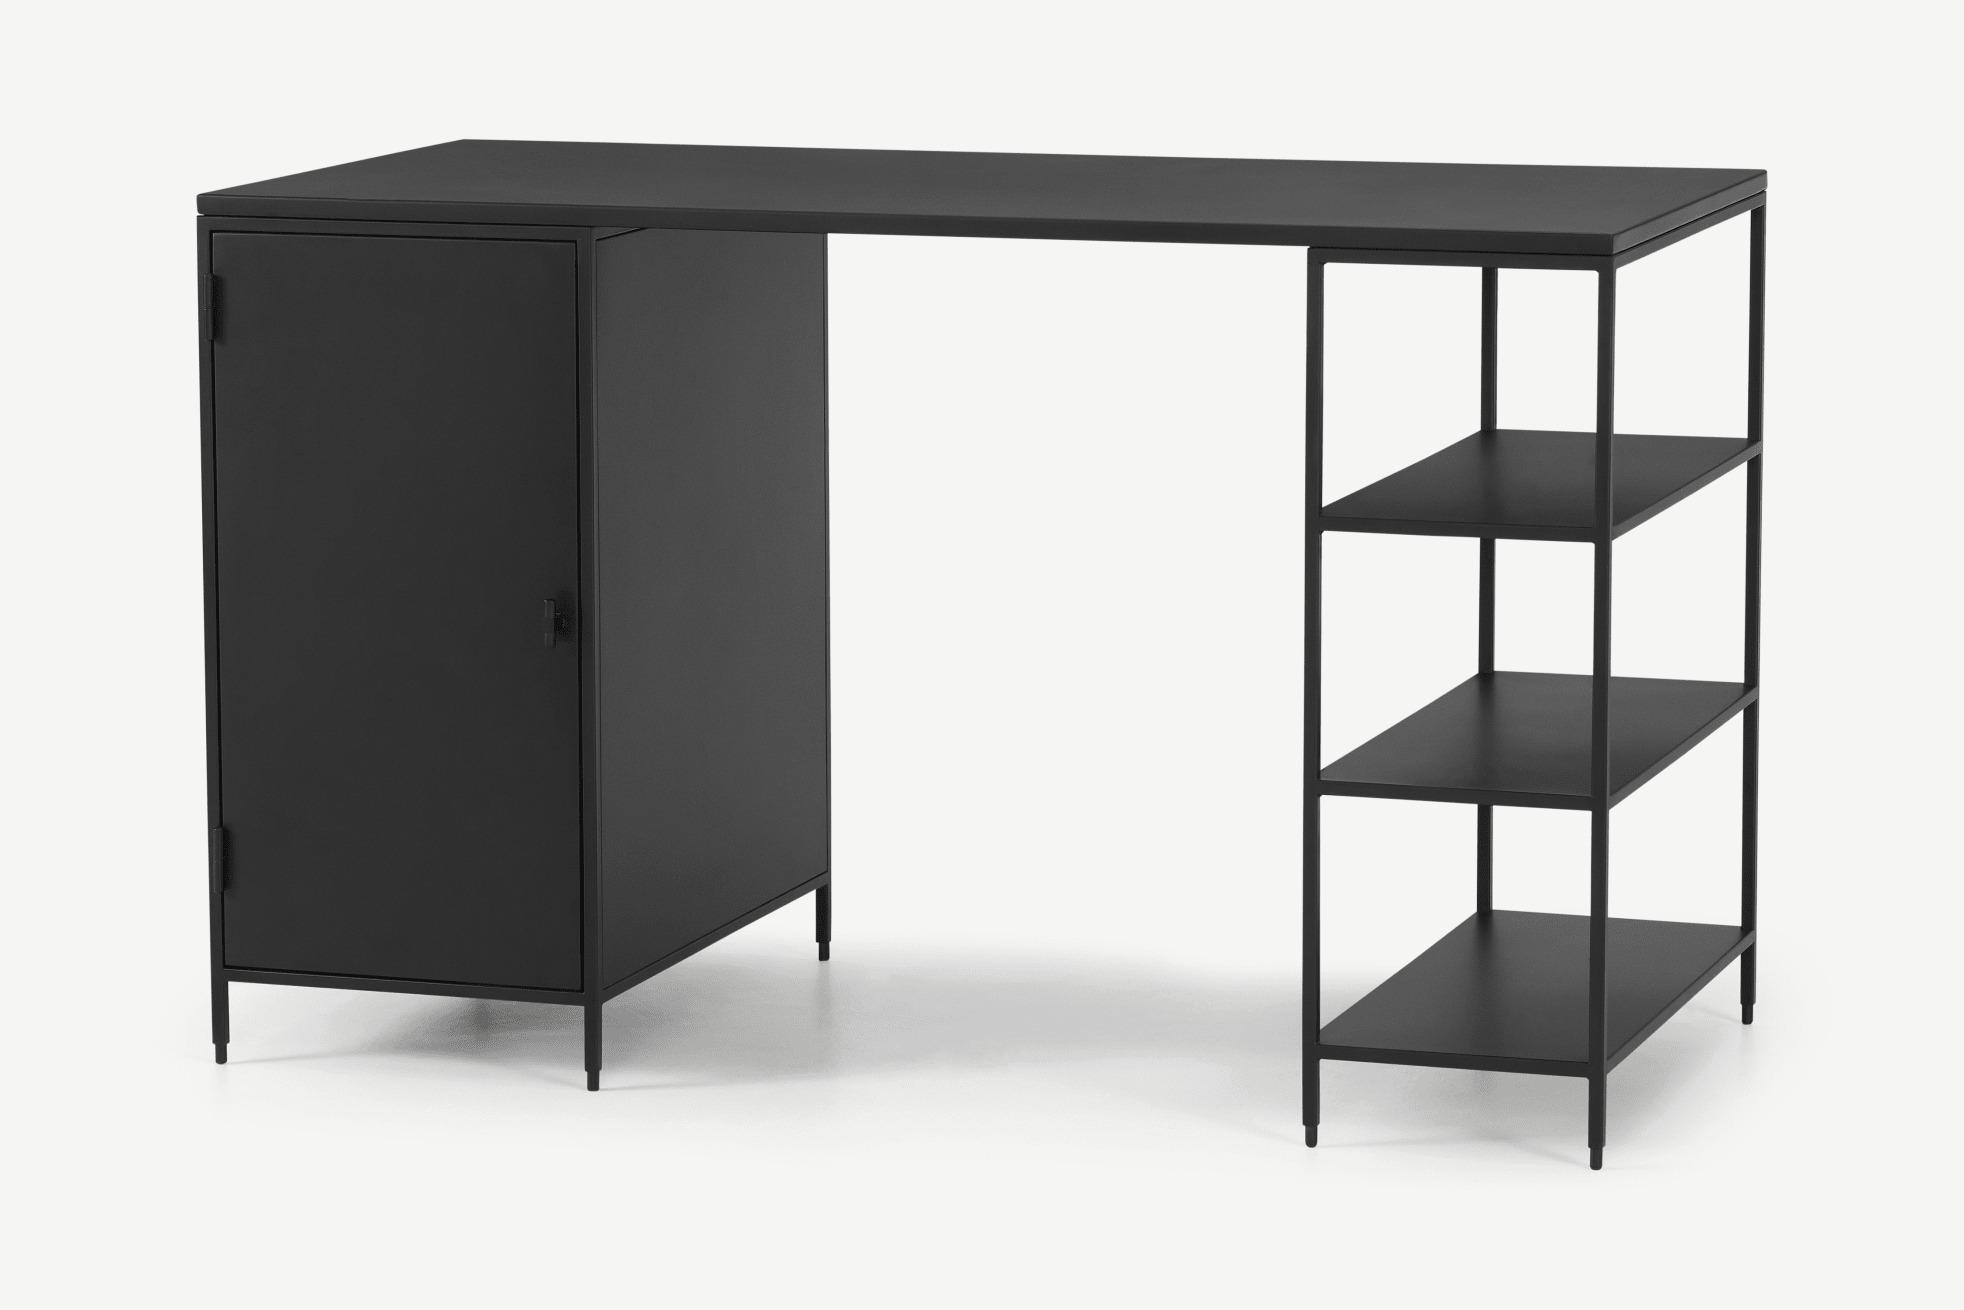 Solomon escritorio ancho, metal negro